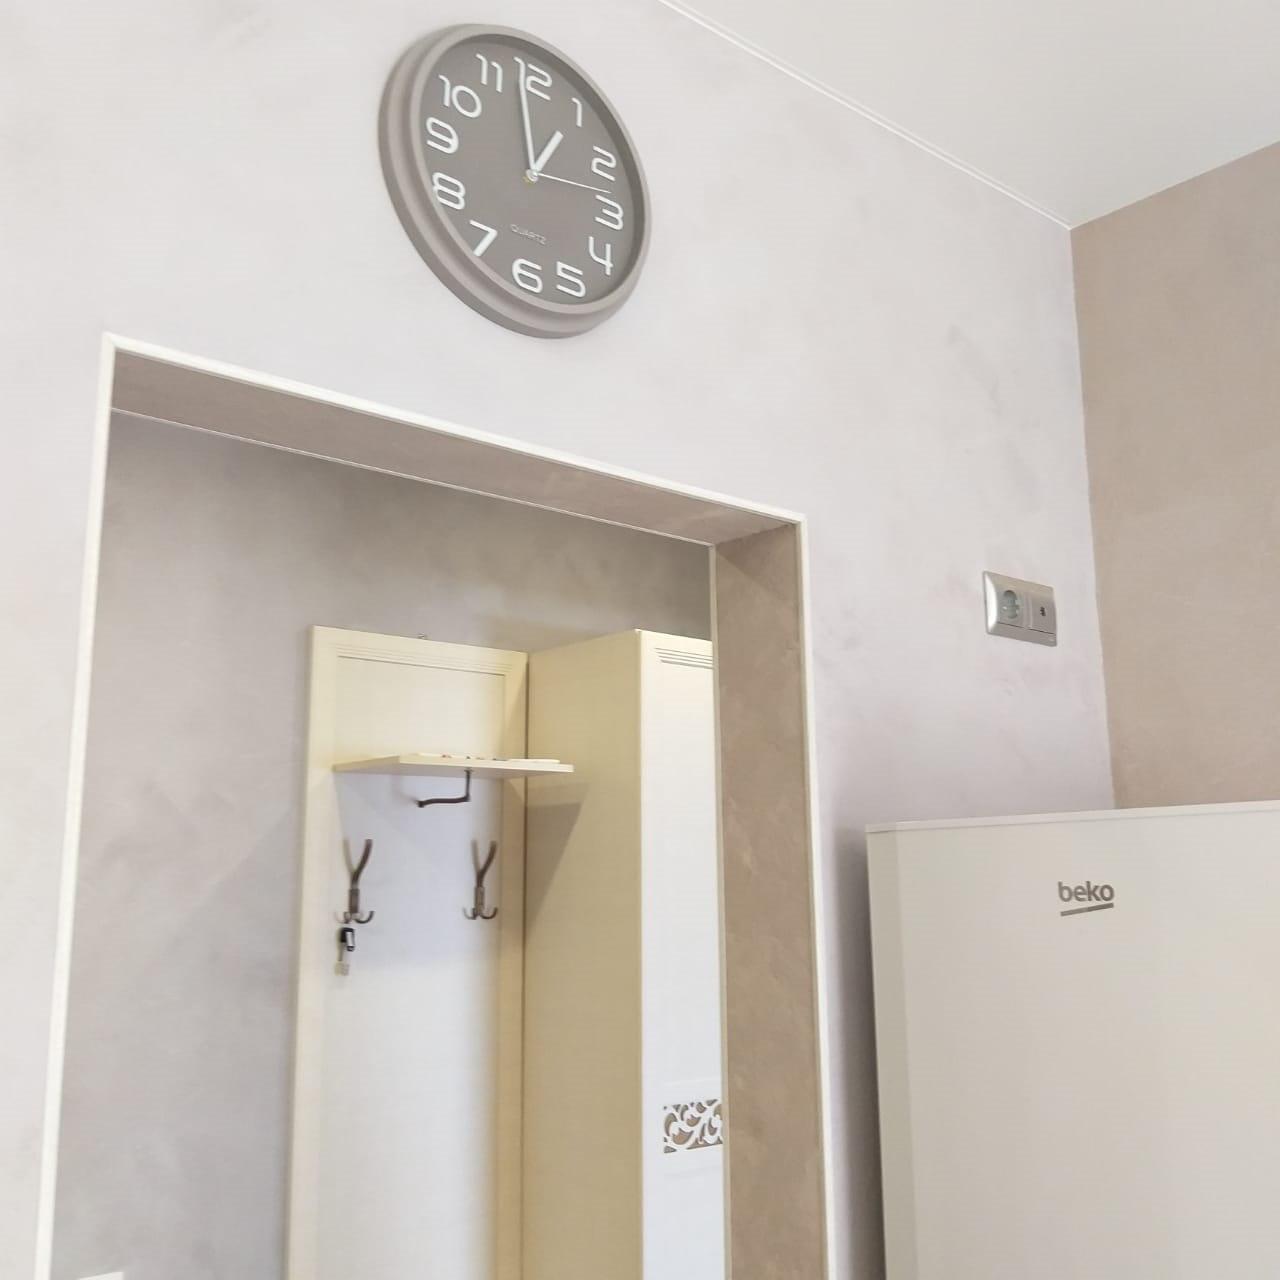 По калининград часам квартиру сдам bruno продать часы